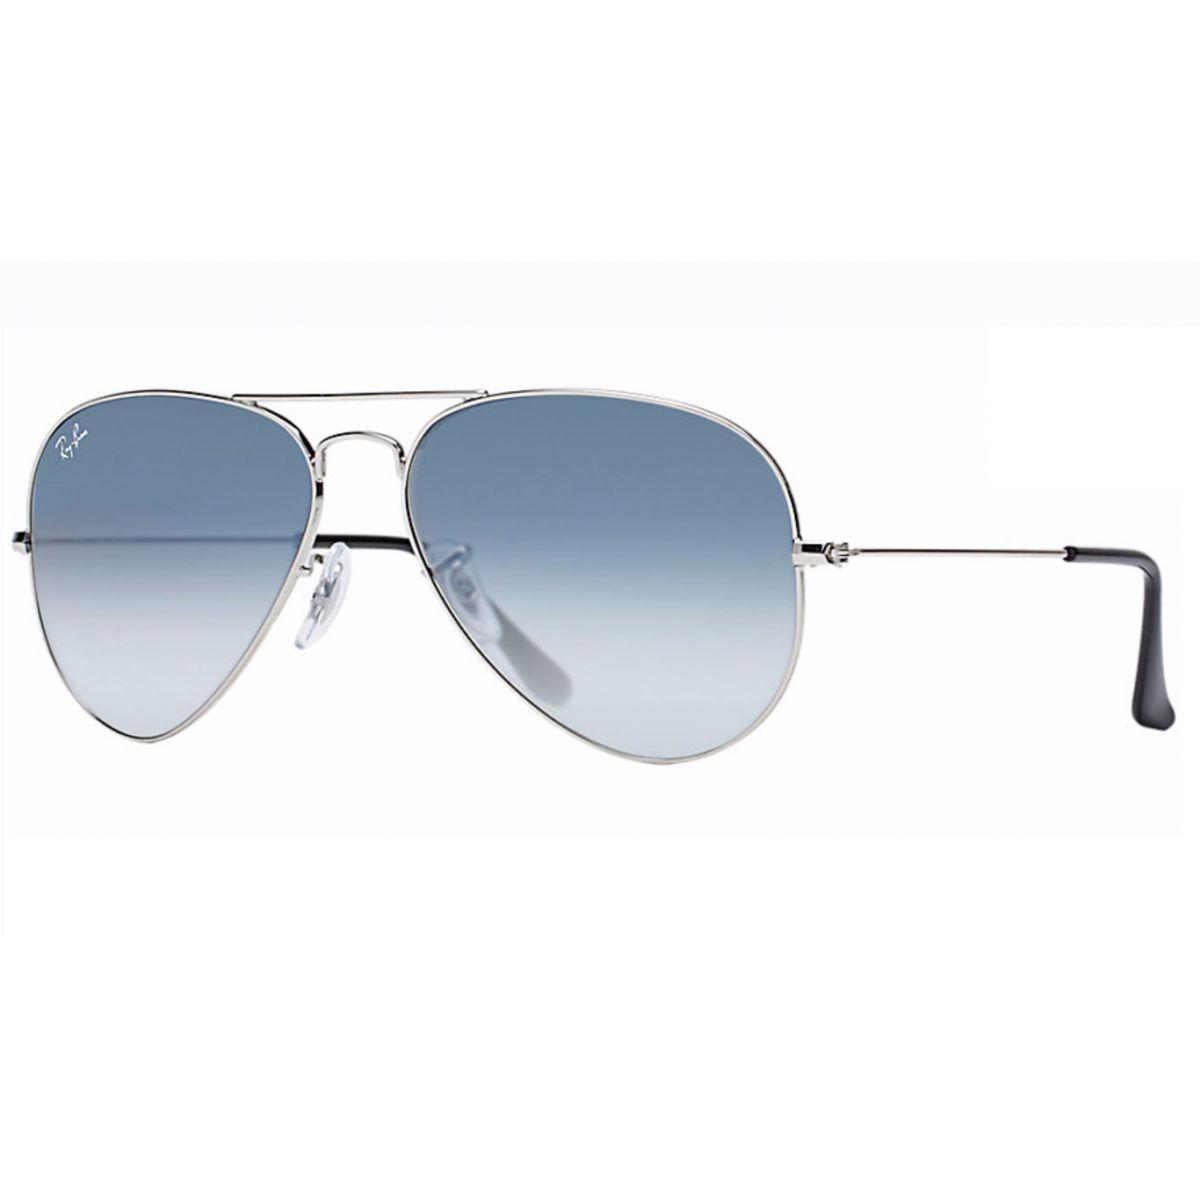 8c1a727b71c75 Óculos De Sol Aviador Ray Ban RB3025 003 3F Tam.55Ray Ban ...